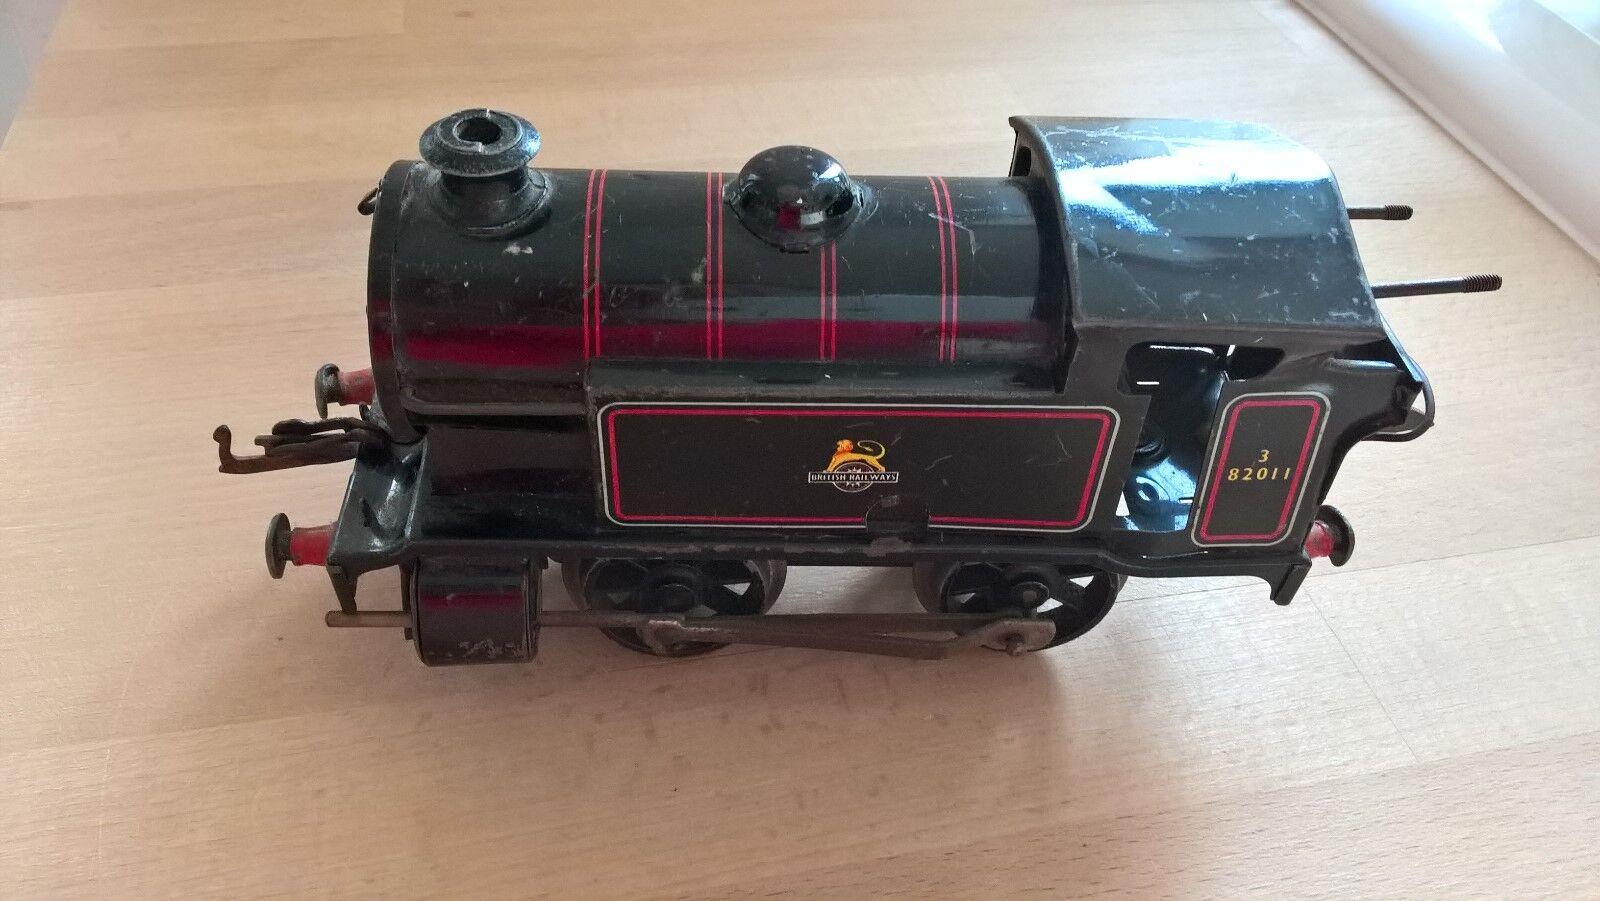 Meccanno Reloj trabajo TIN TRAIN con llave Hecho en en en Inglaterra Vintage 0dda7a